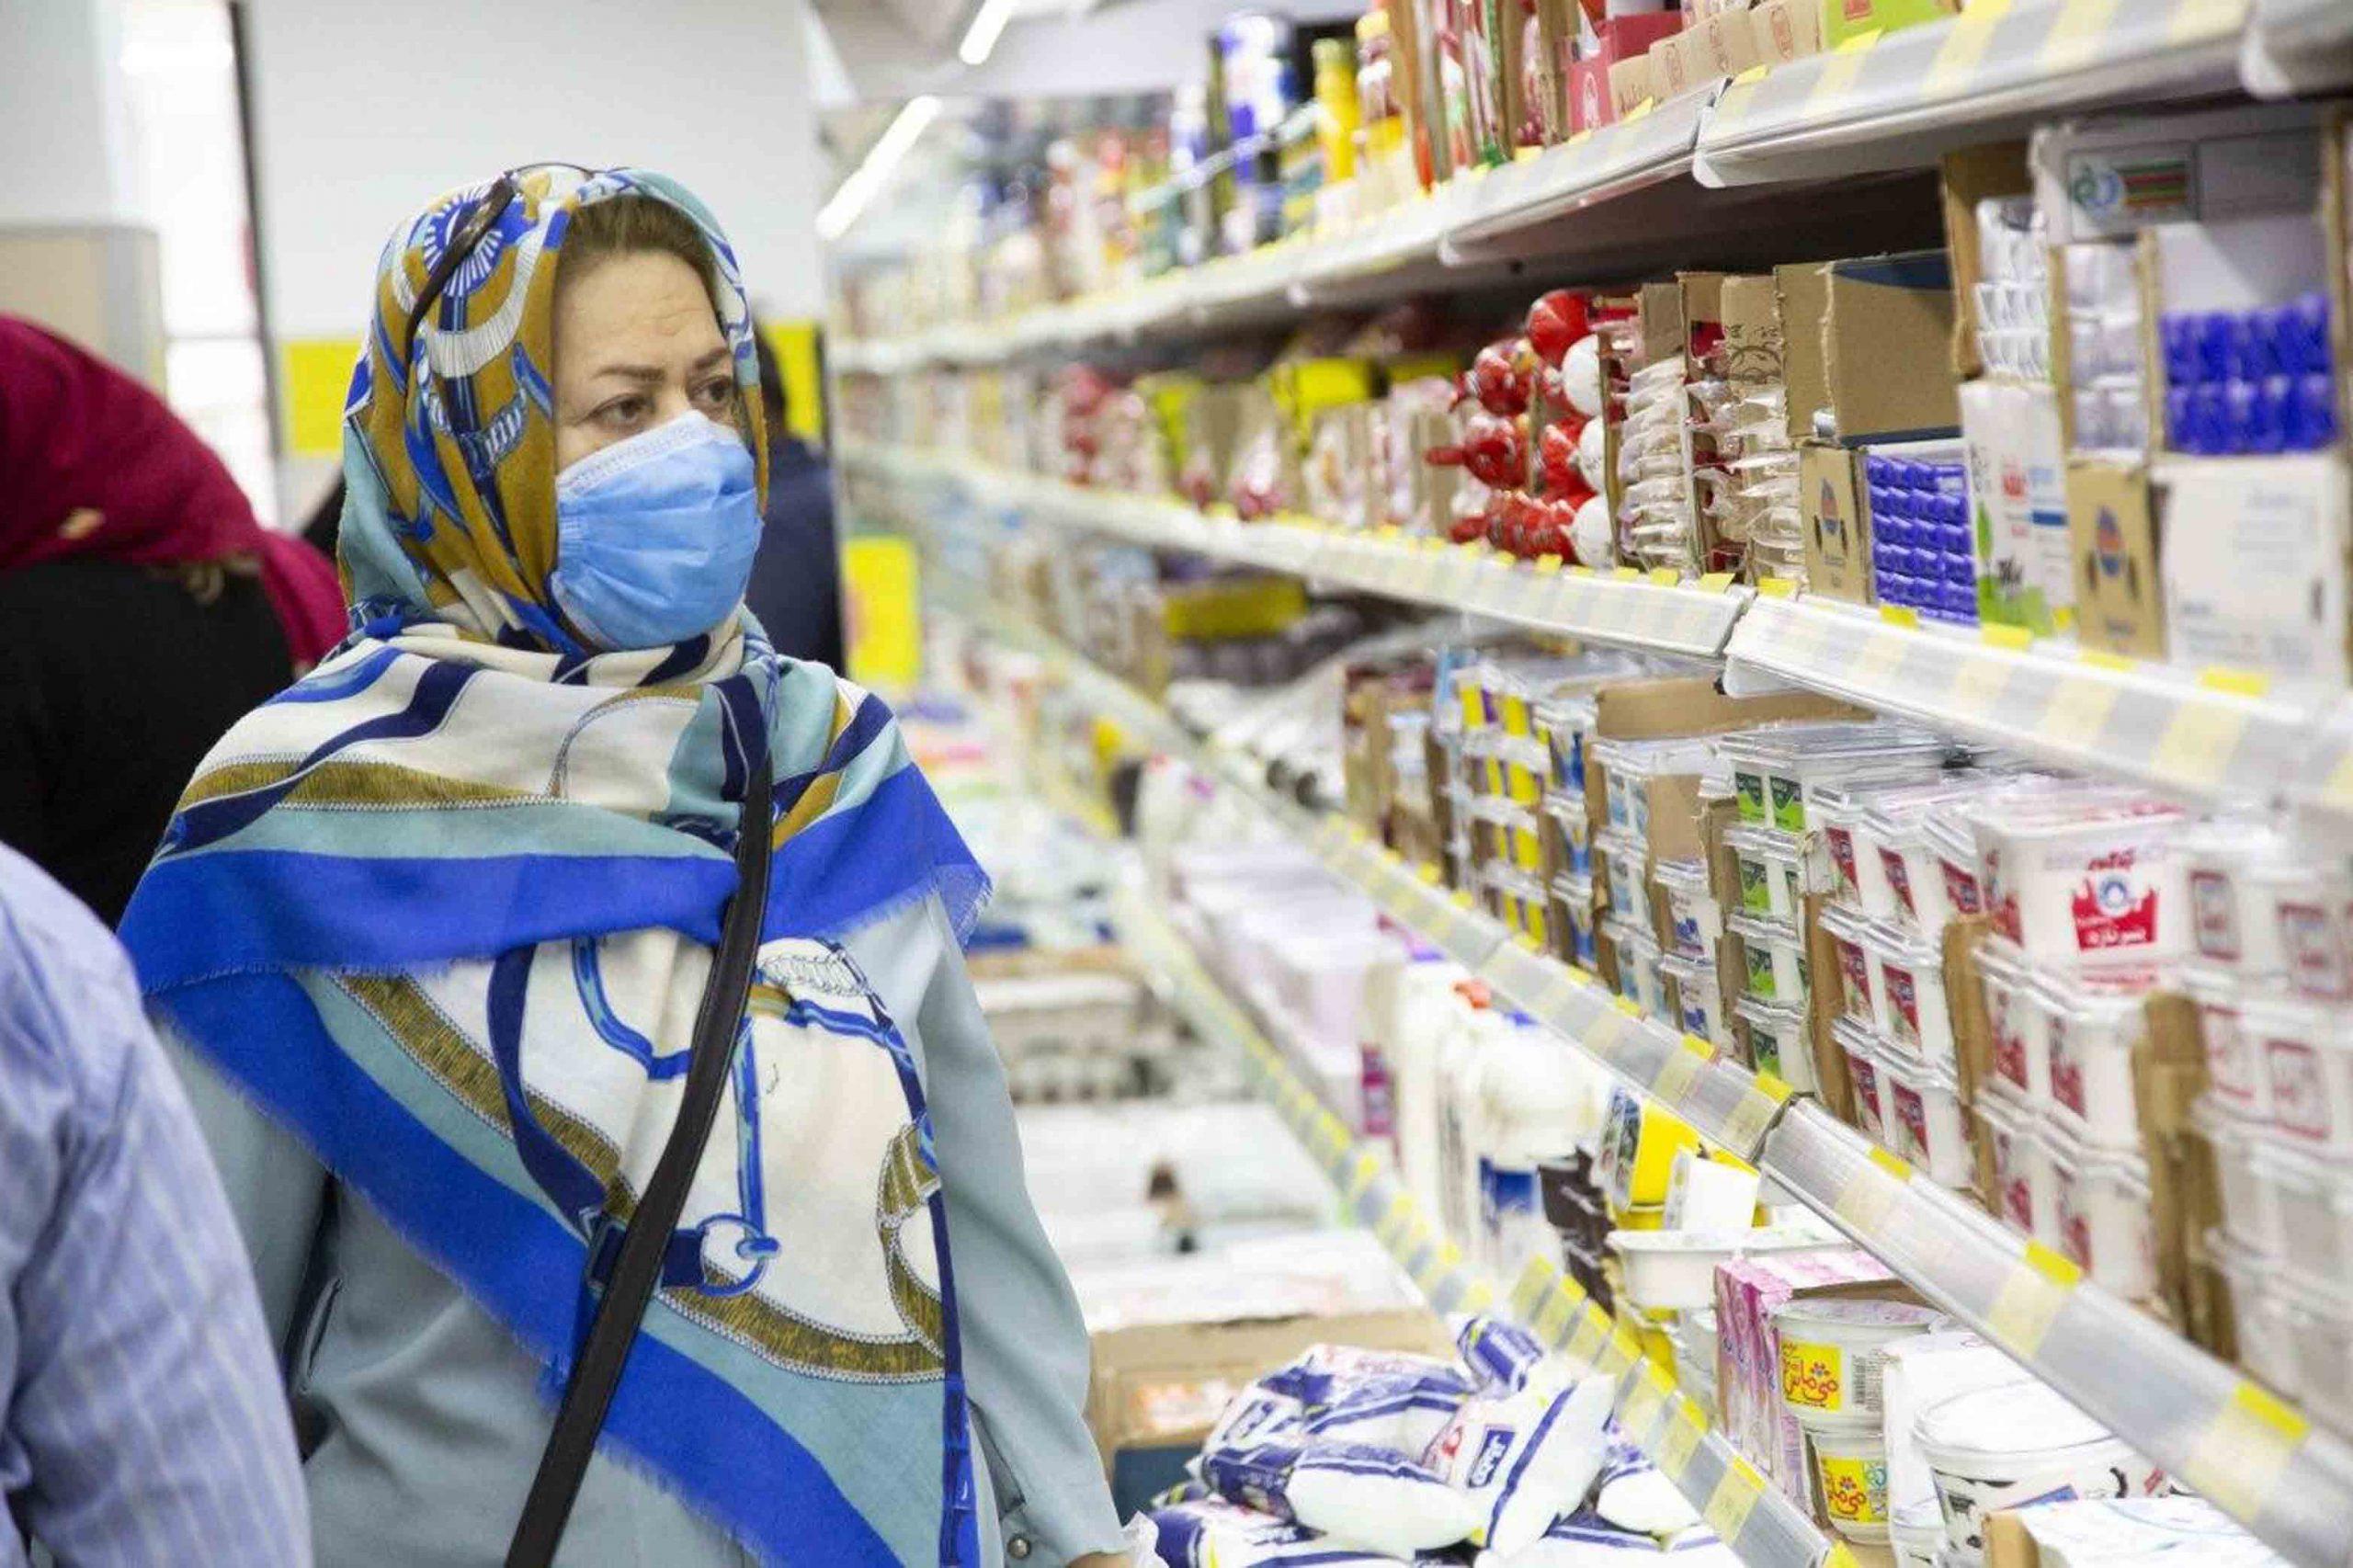 فروشگاه های زنجیره ای تخفیفی ویوان در تهرانسر افتتاح شد